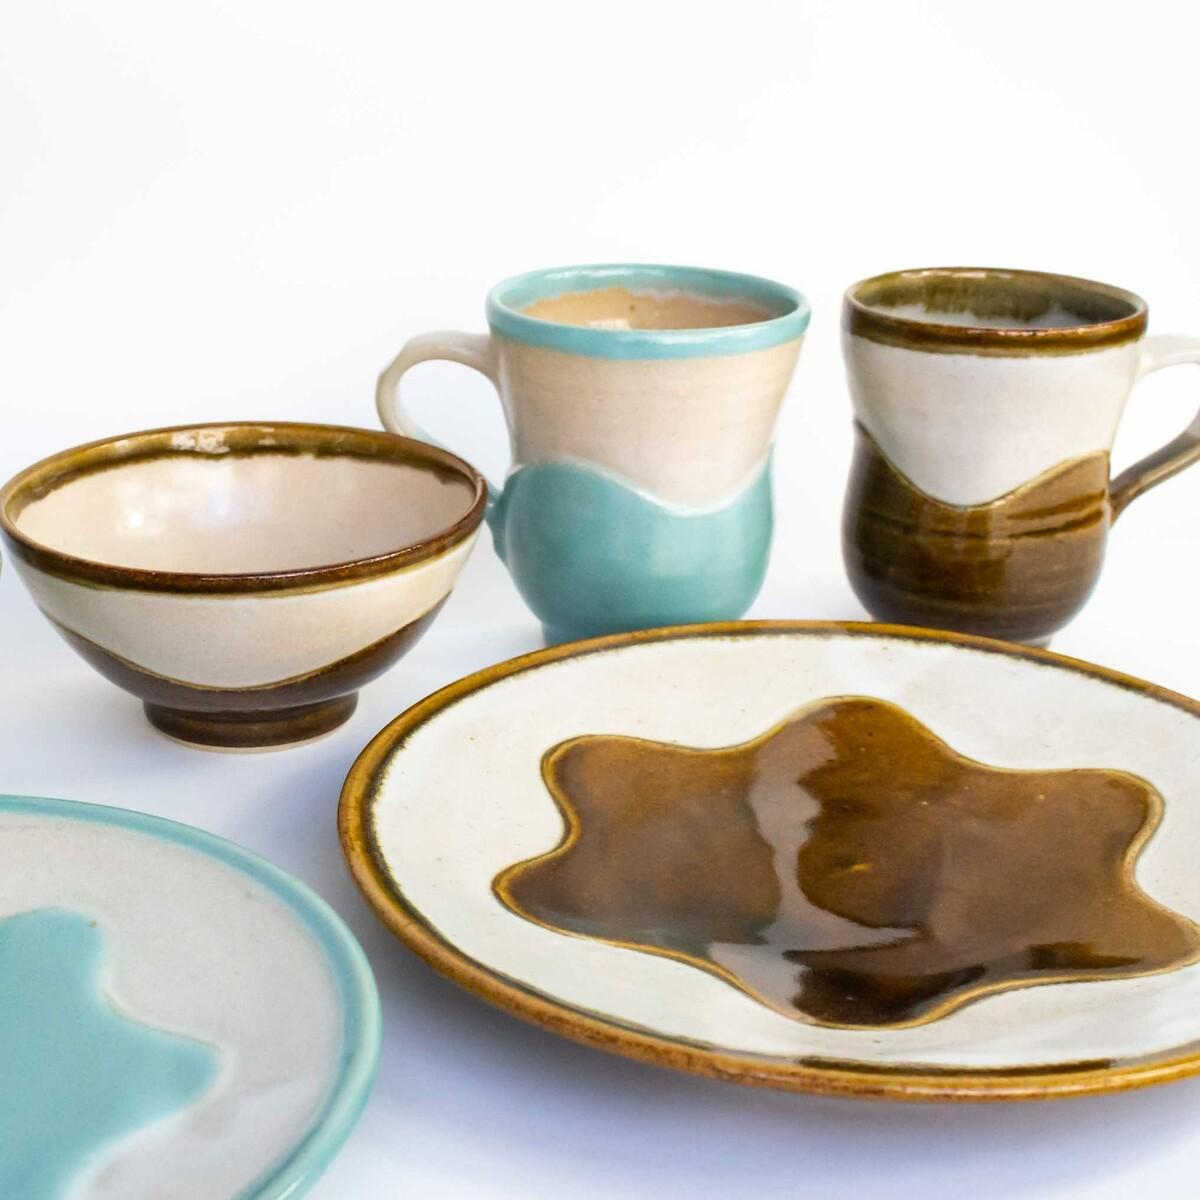 全国を旅する気持ちでうつわと出会う。オンライン陶器市でお気に入りを探す